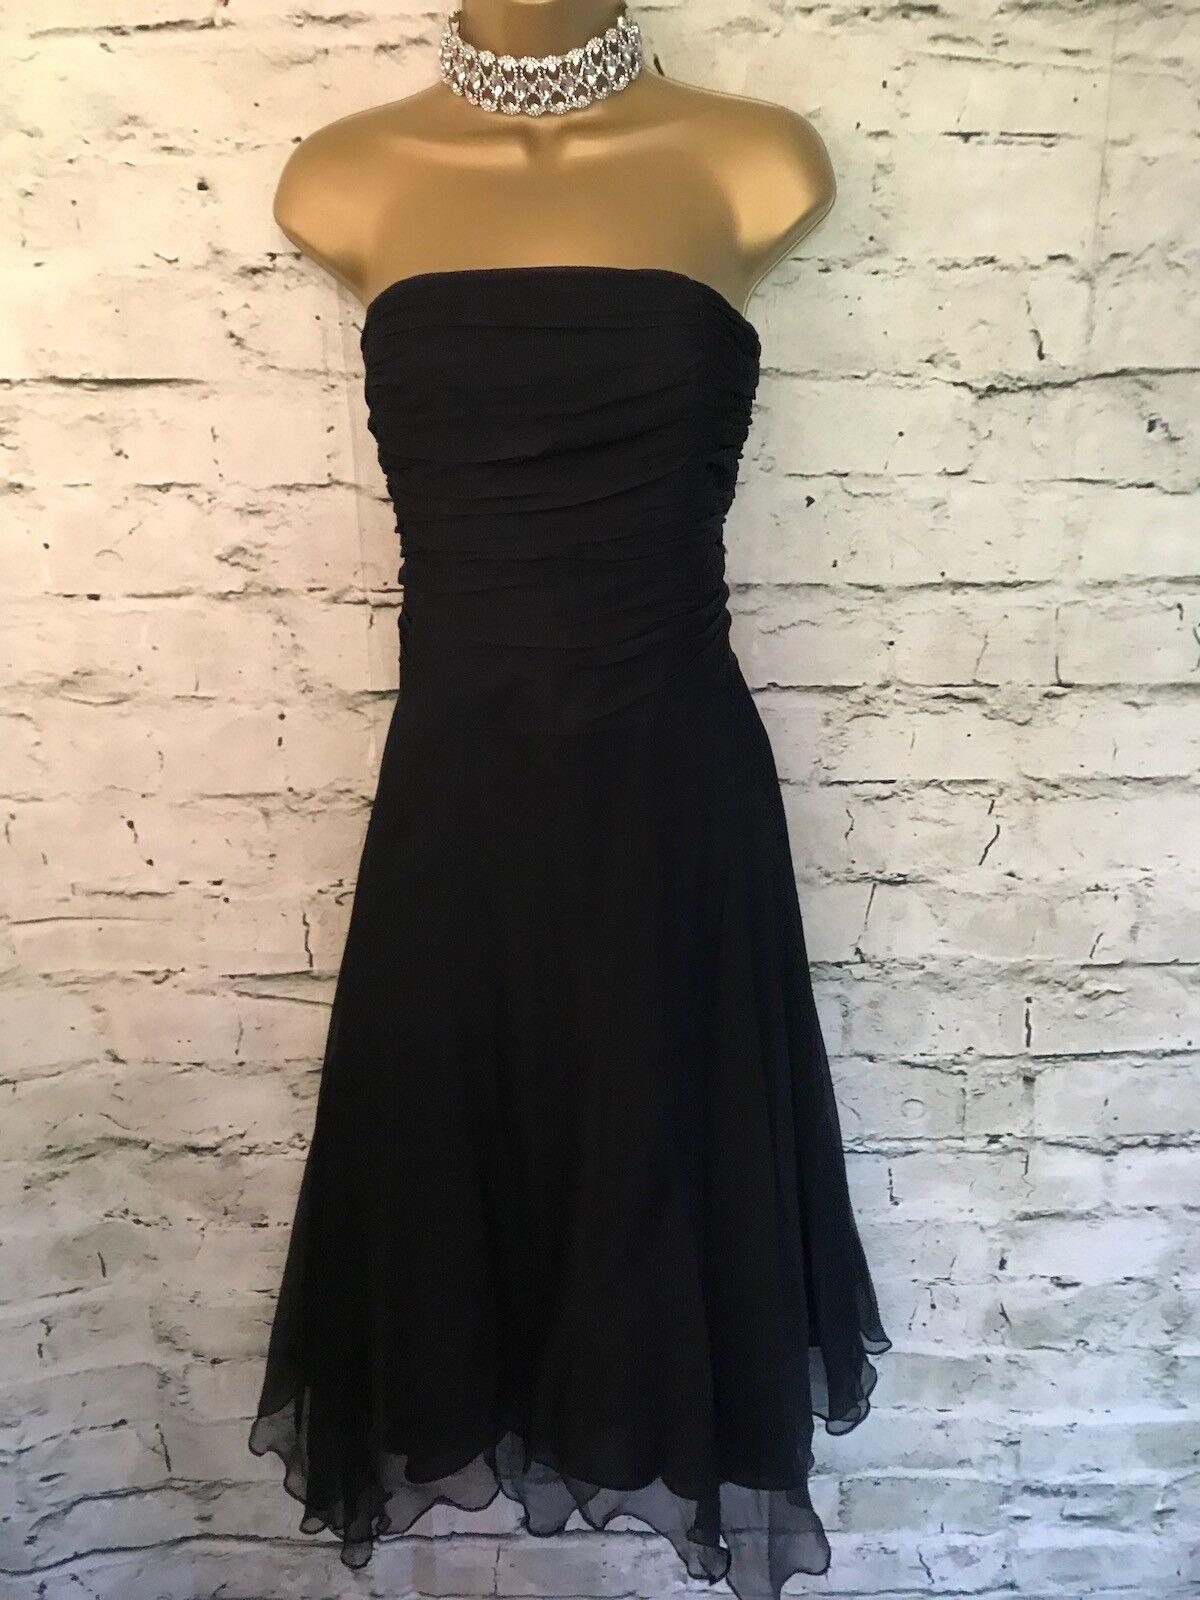 f59919bcb6c0e0 Monsoon Ladies schwarz schwarz schwarz Silk Floaty Evening Dress UK 18 EU  46 US 14 452c35